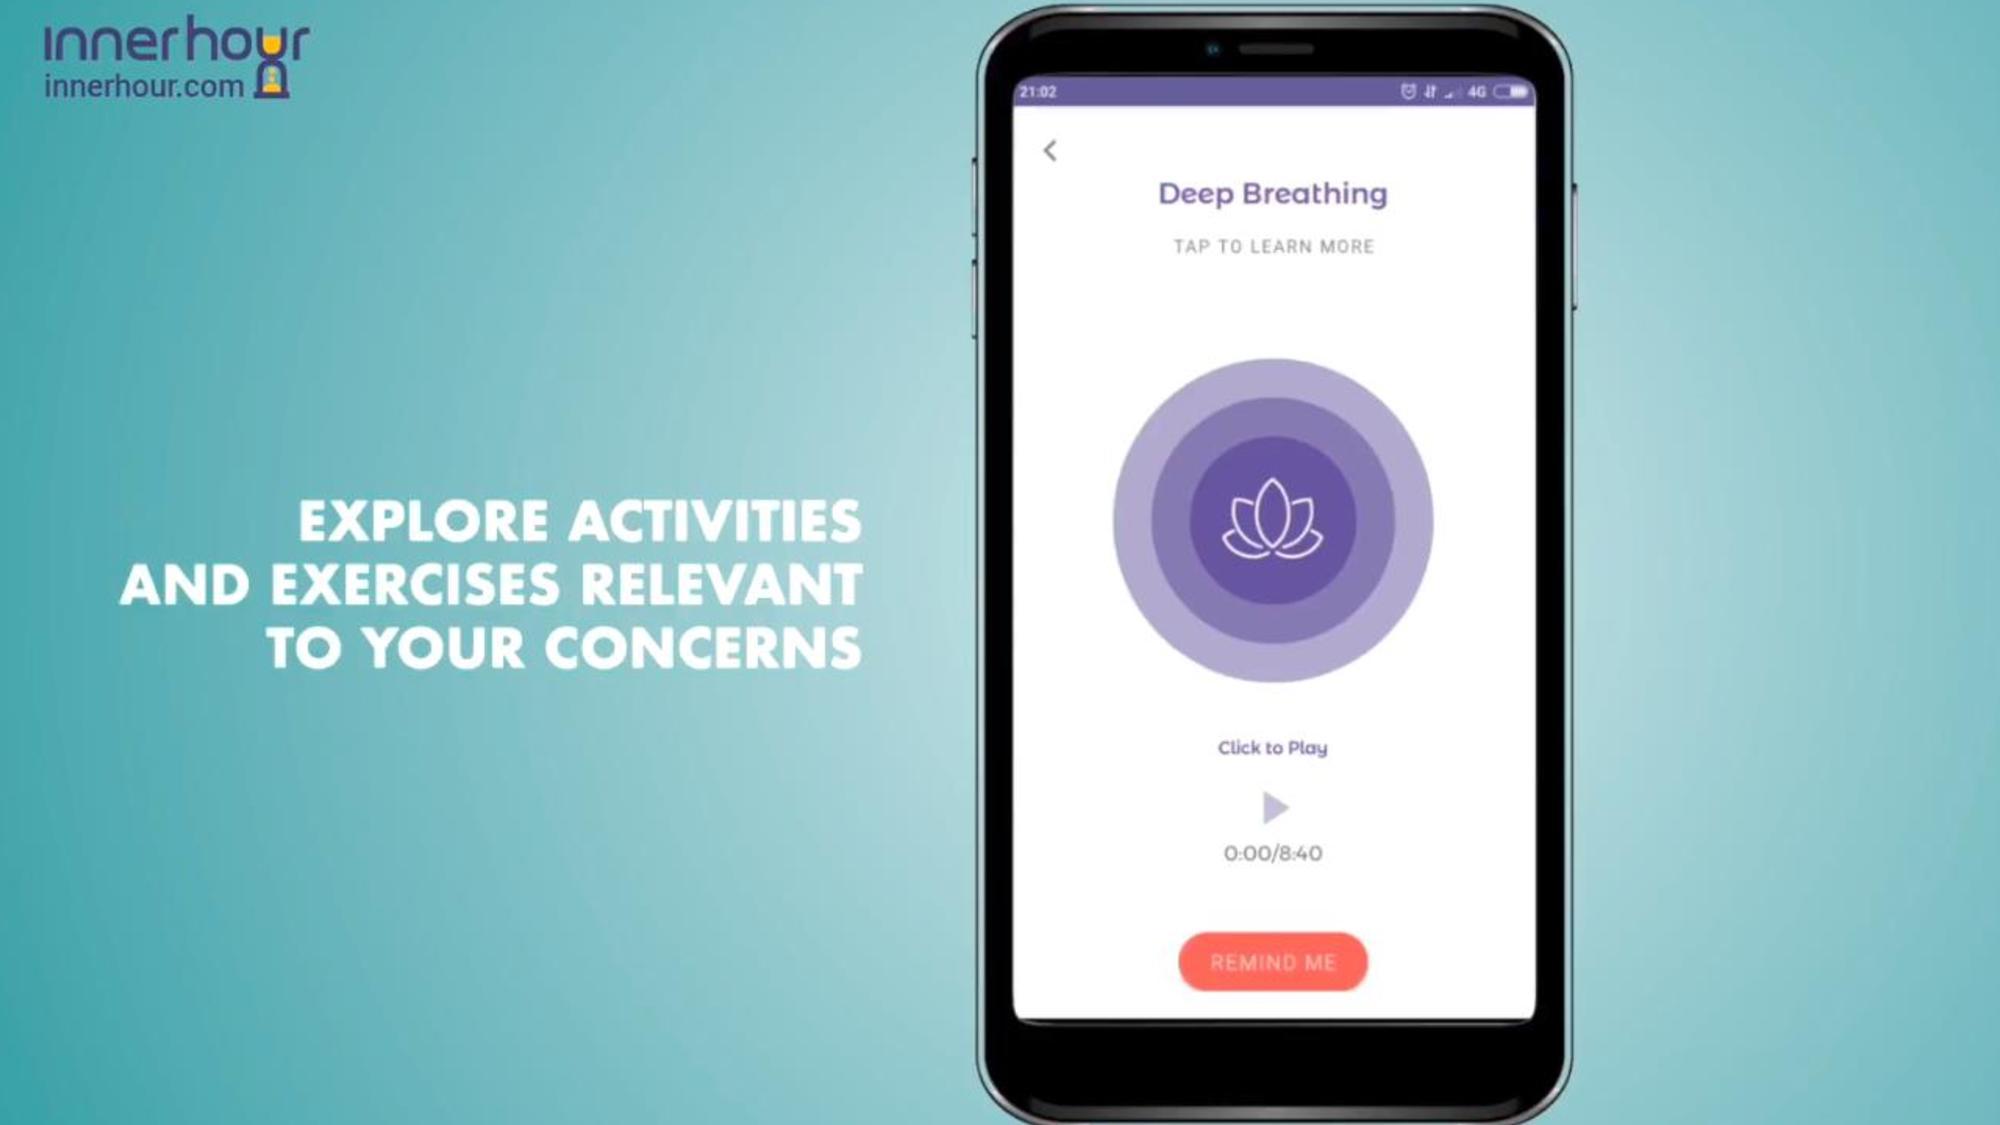 InnerHour explore activities screen